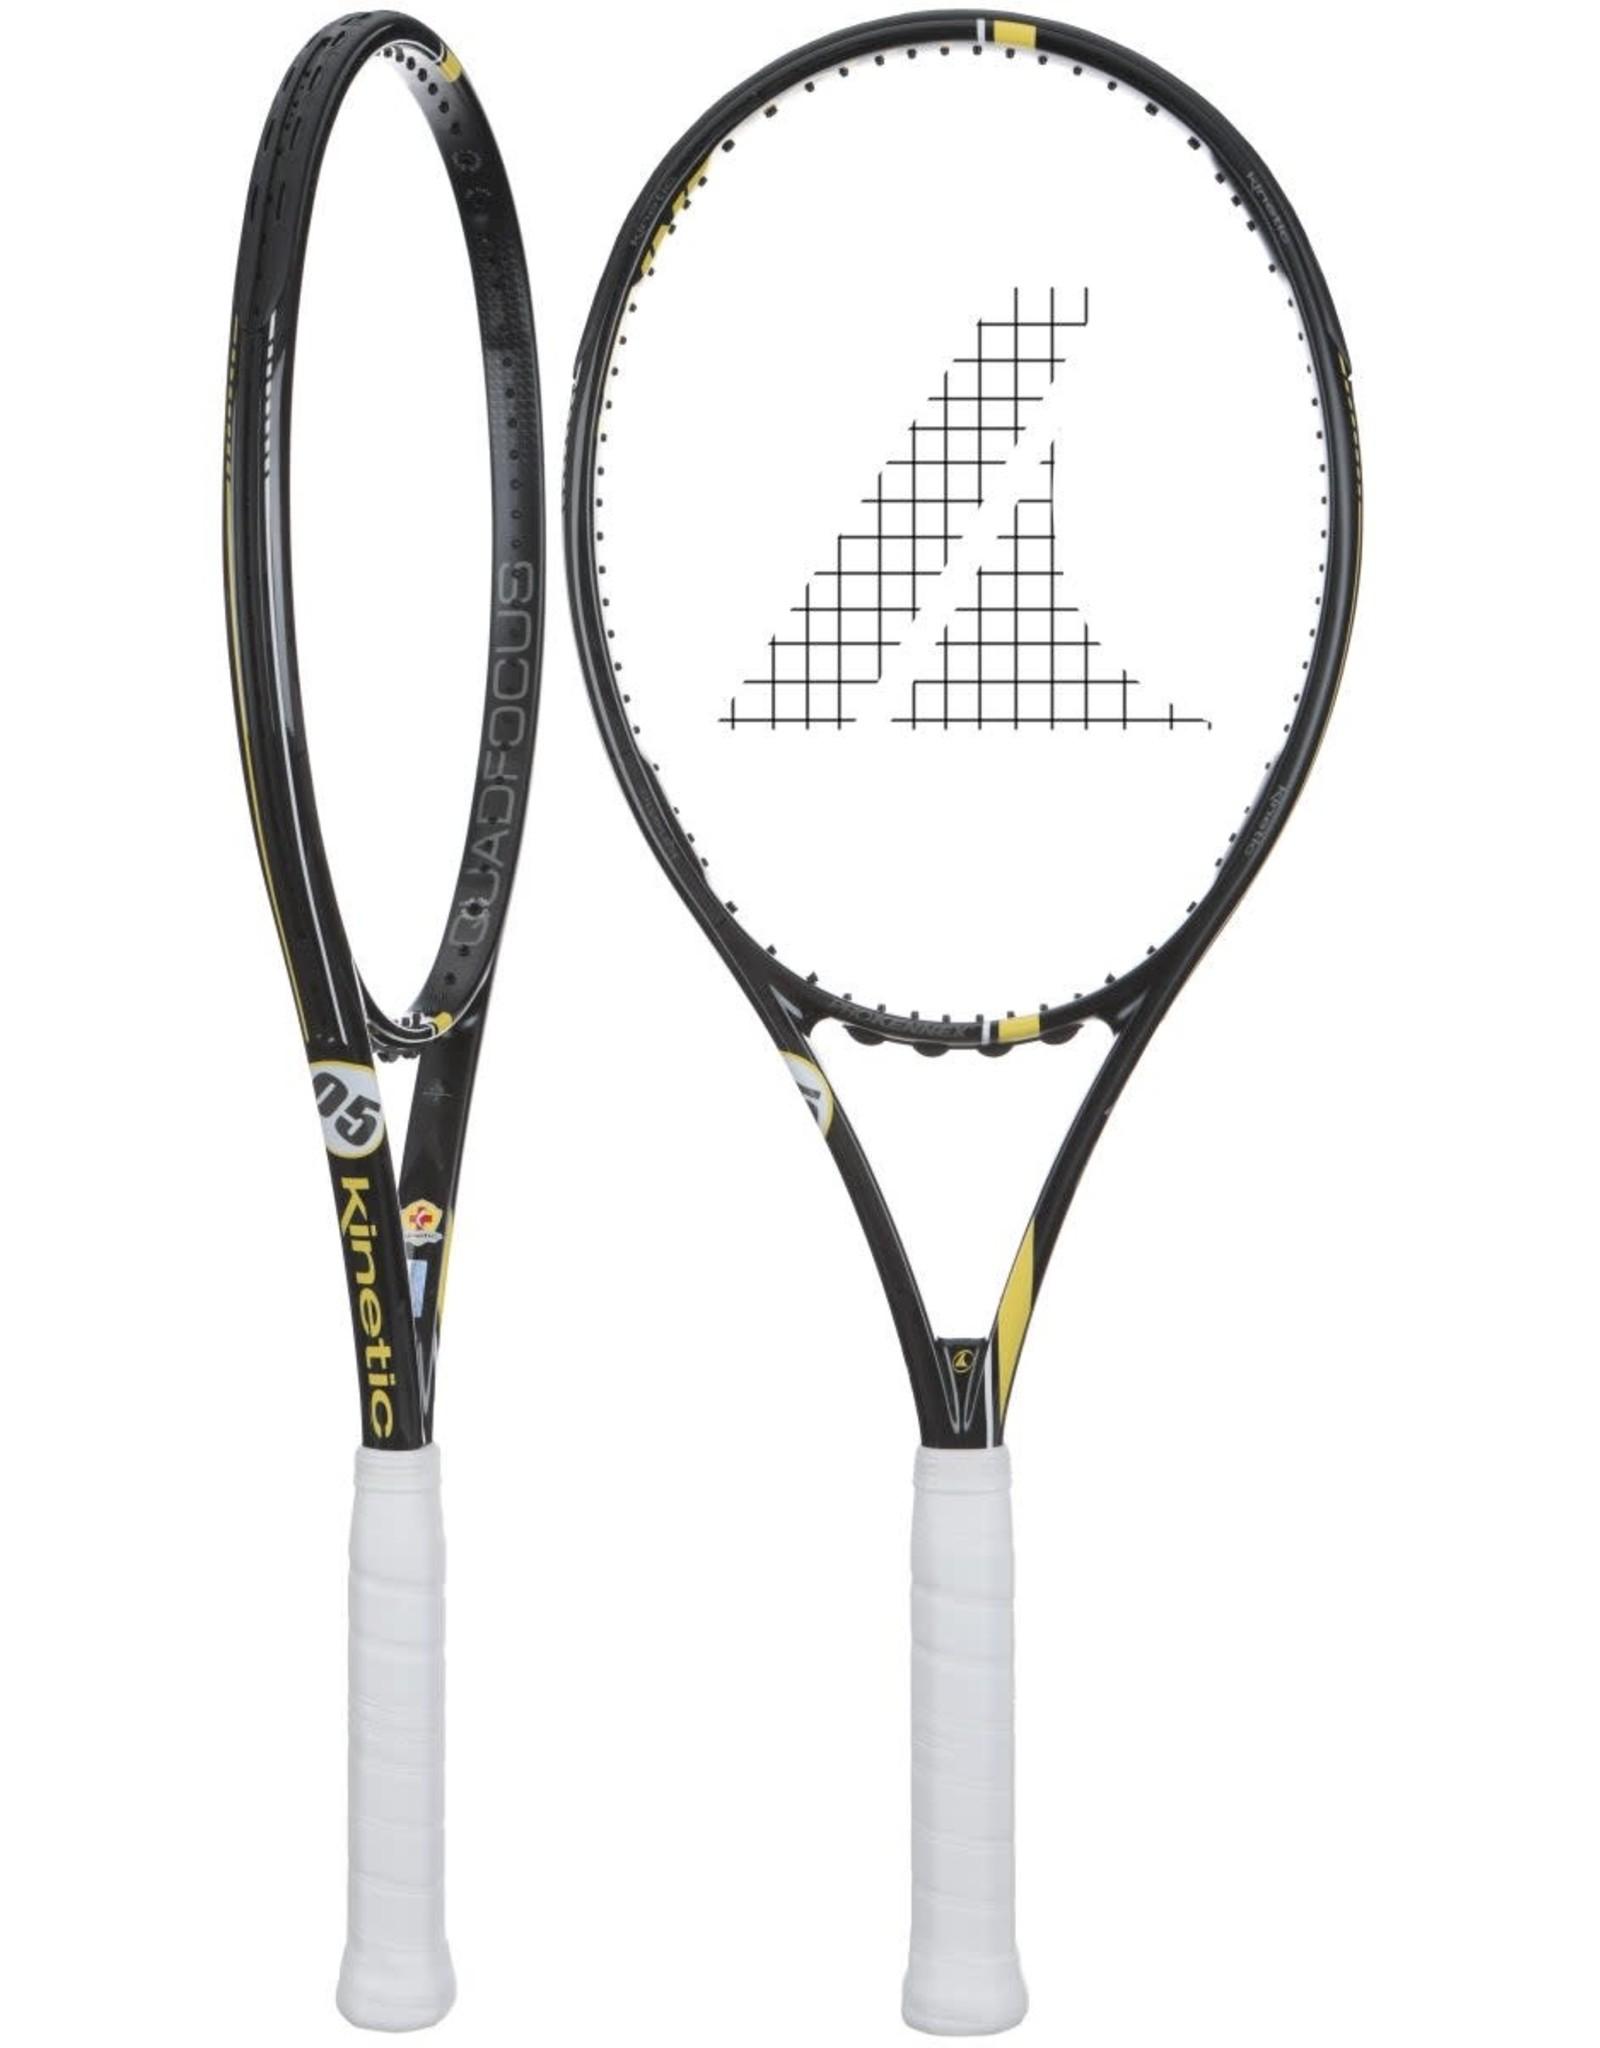 Pro Kennex Pro Kennex Q+ 5 Tennis Racquet